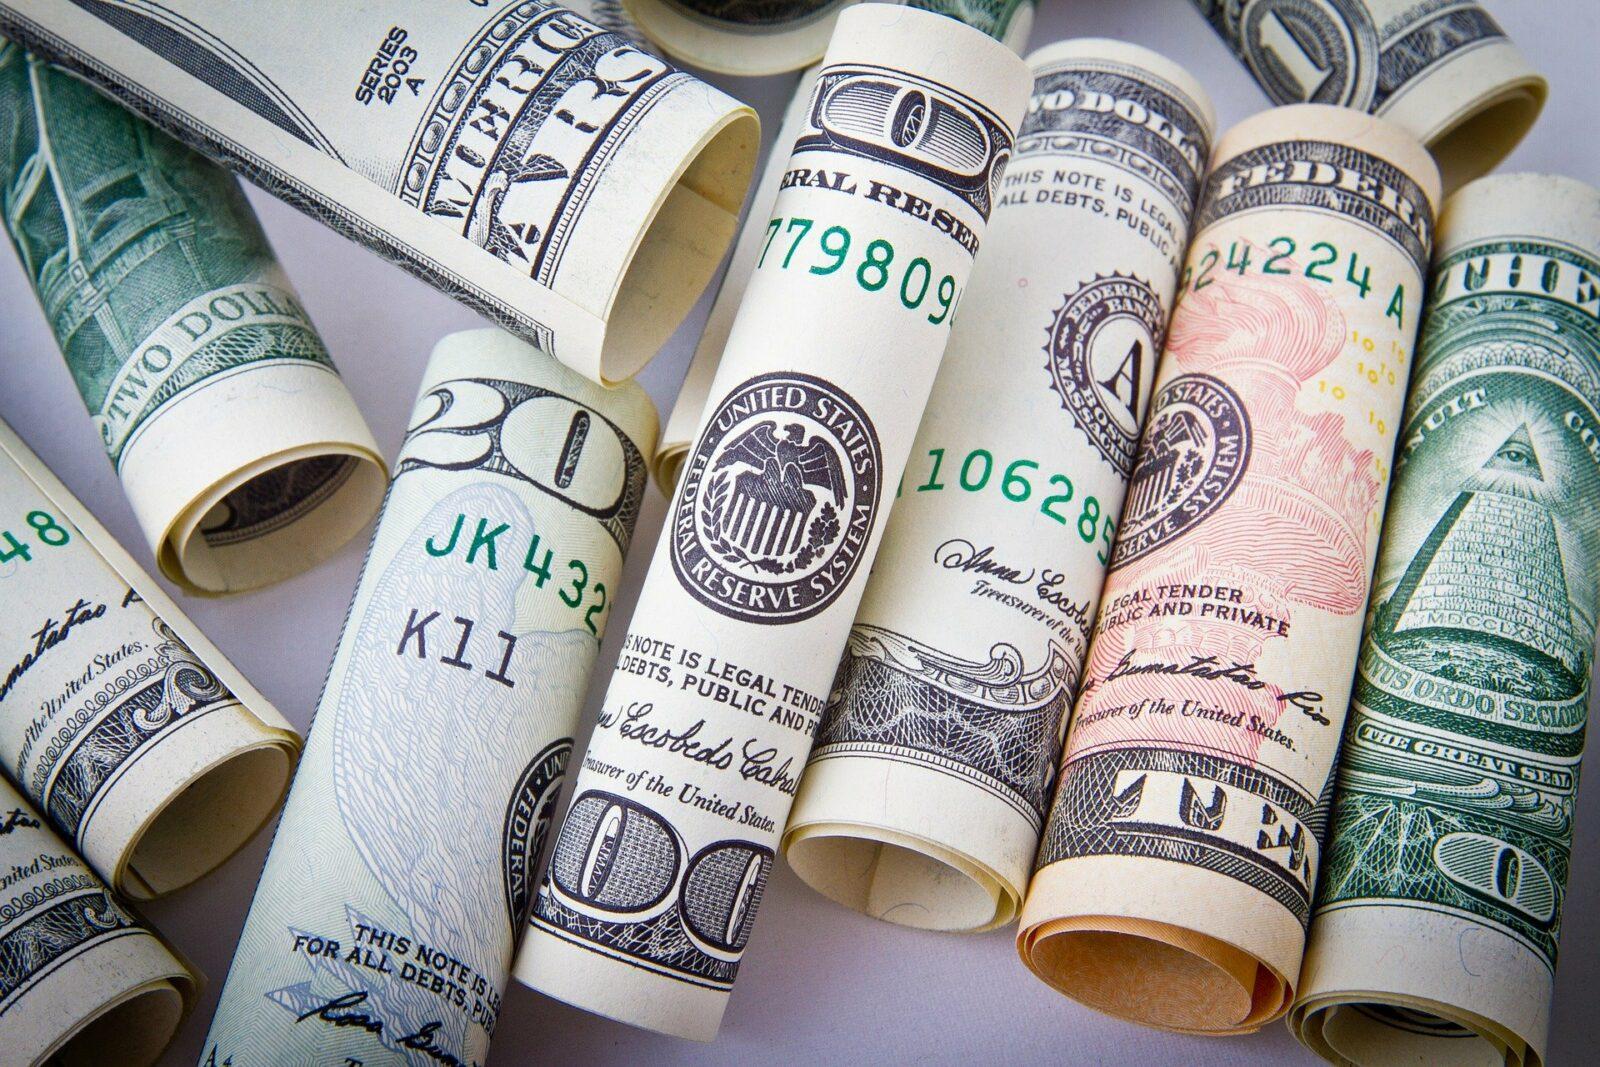 Affidavit of Support czyli gwarancja finansowego wsparcia od sponsora